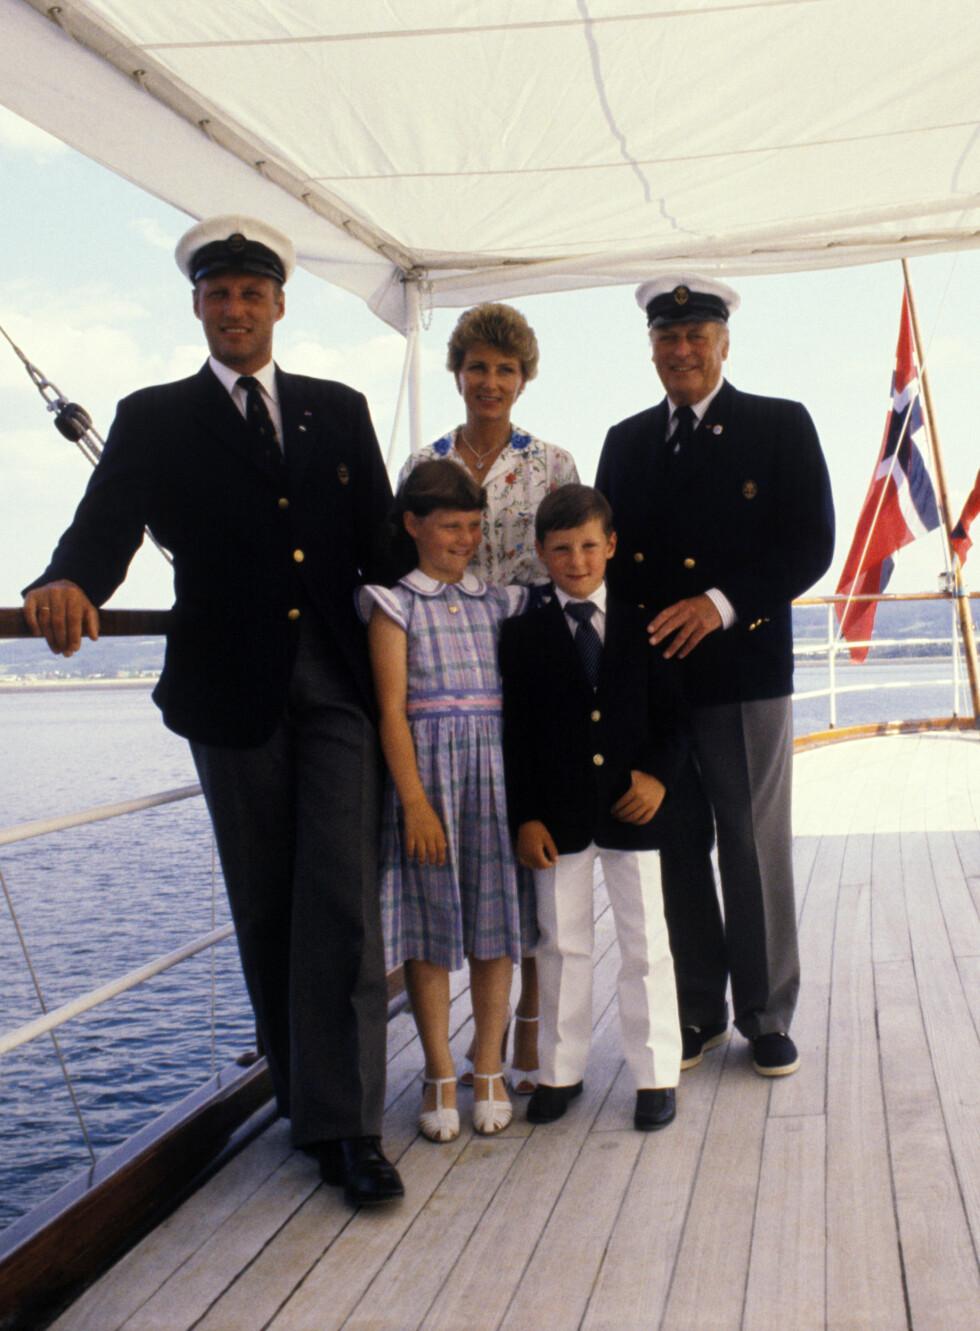 UT PÅ TUR: Kongefamilien har alltid vært opptatt av å reise rundt i Norge for å møte folket - dette bildet er tatt i forbindelse med et besøk i Trøndelag i 1980. Her er familien samlet om bord på kongeskipet «Norge». Foto:  Foto: NTB Scanpix